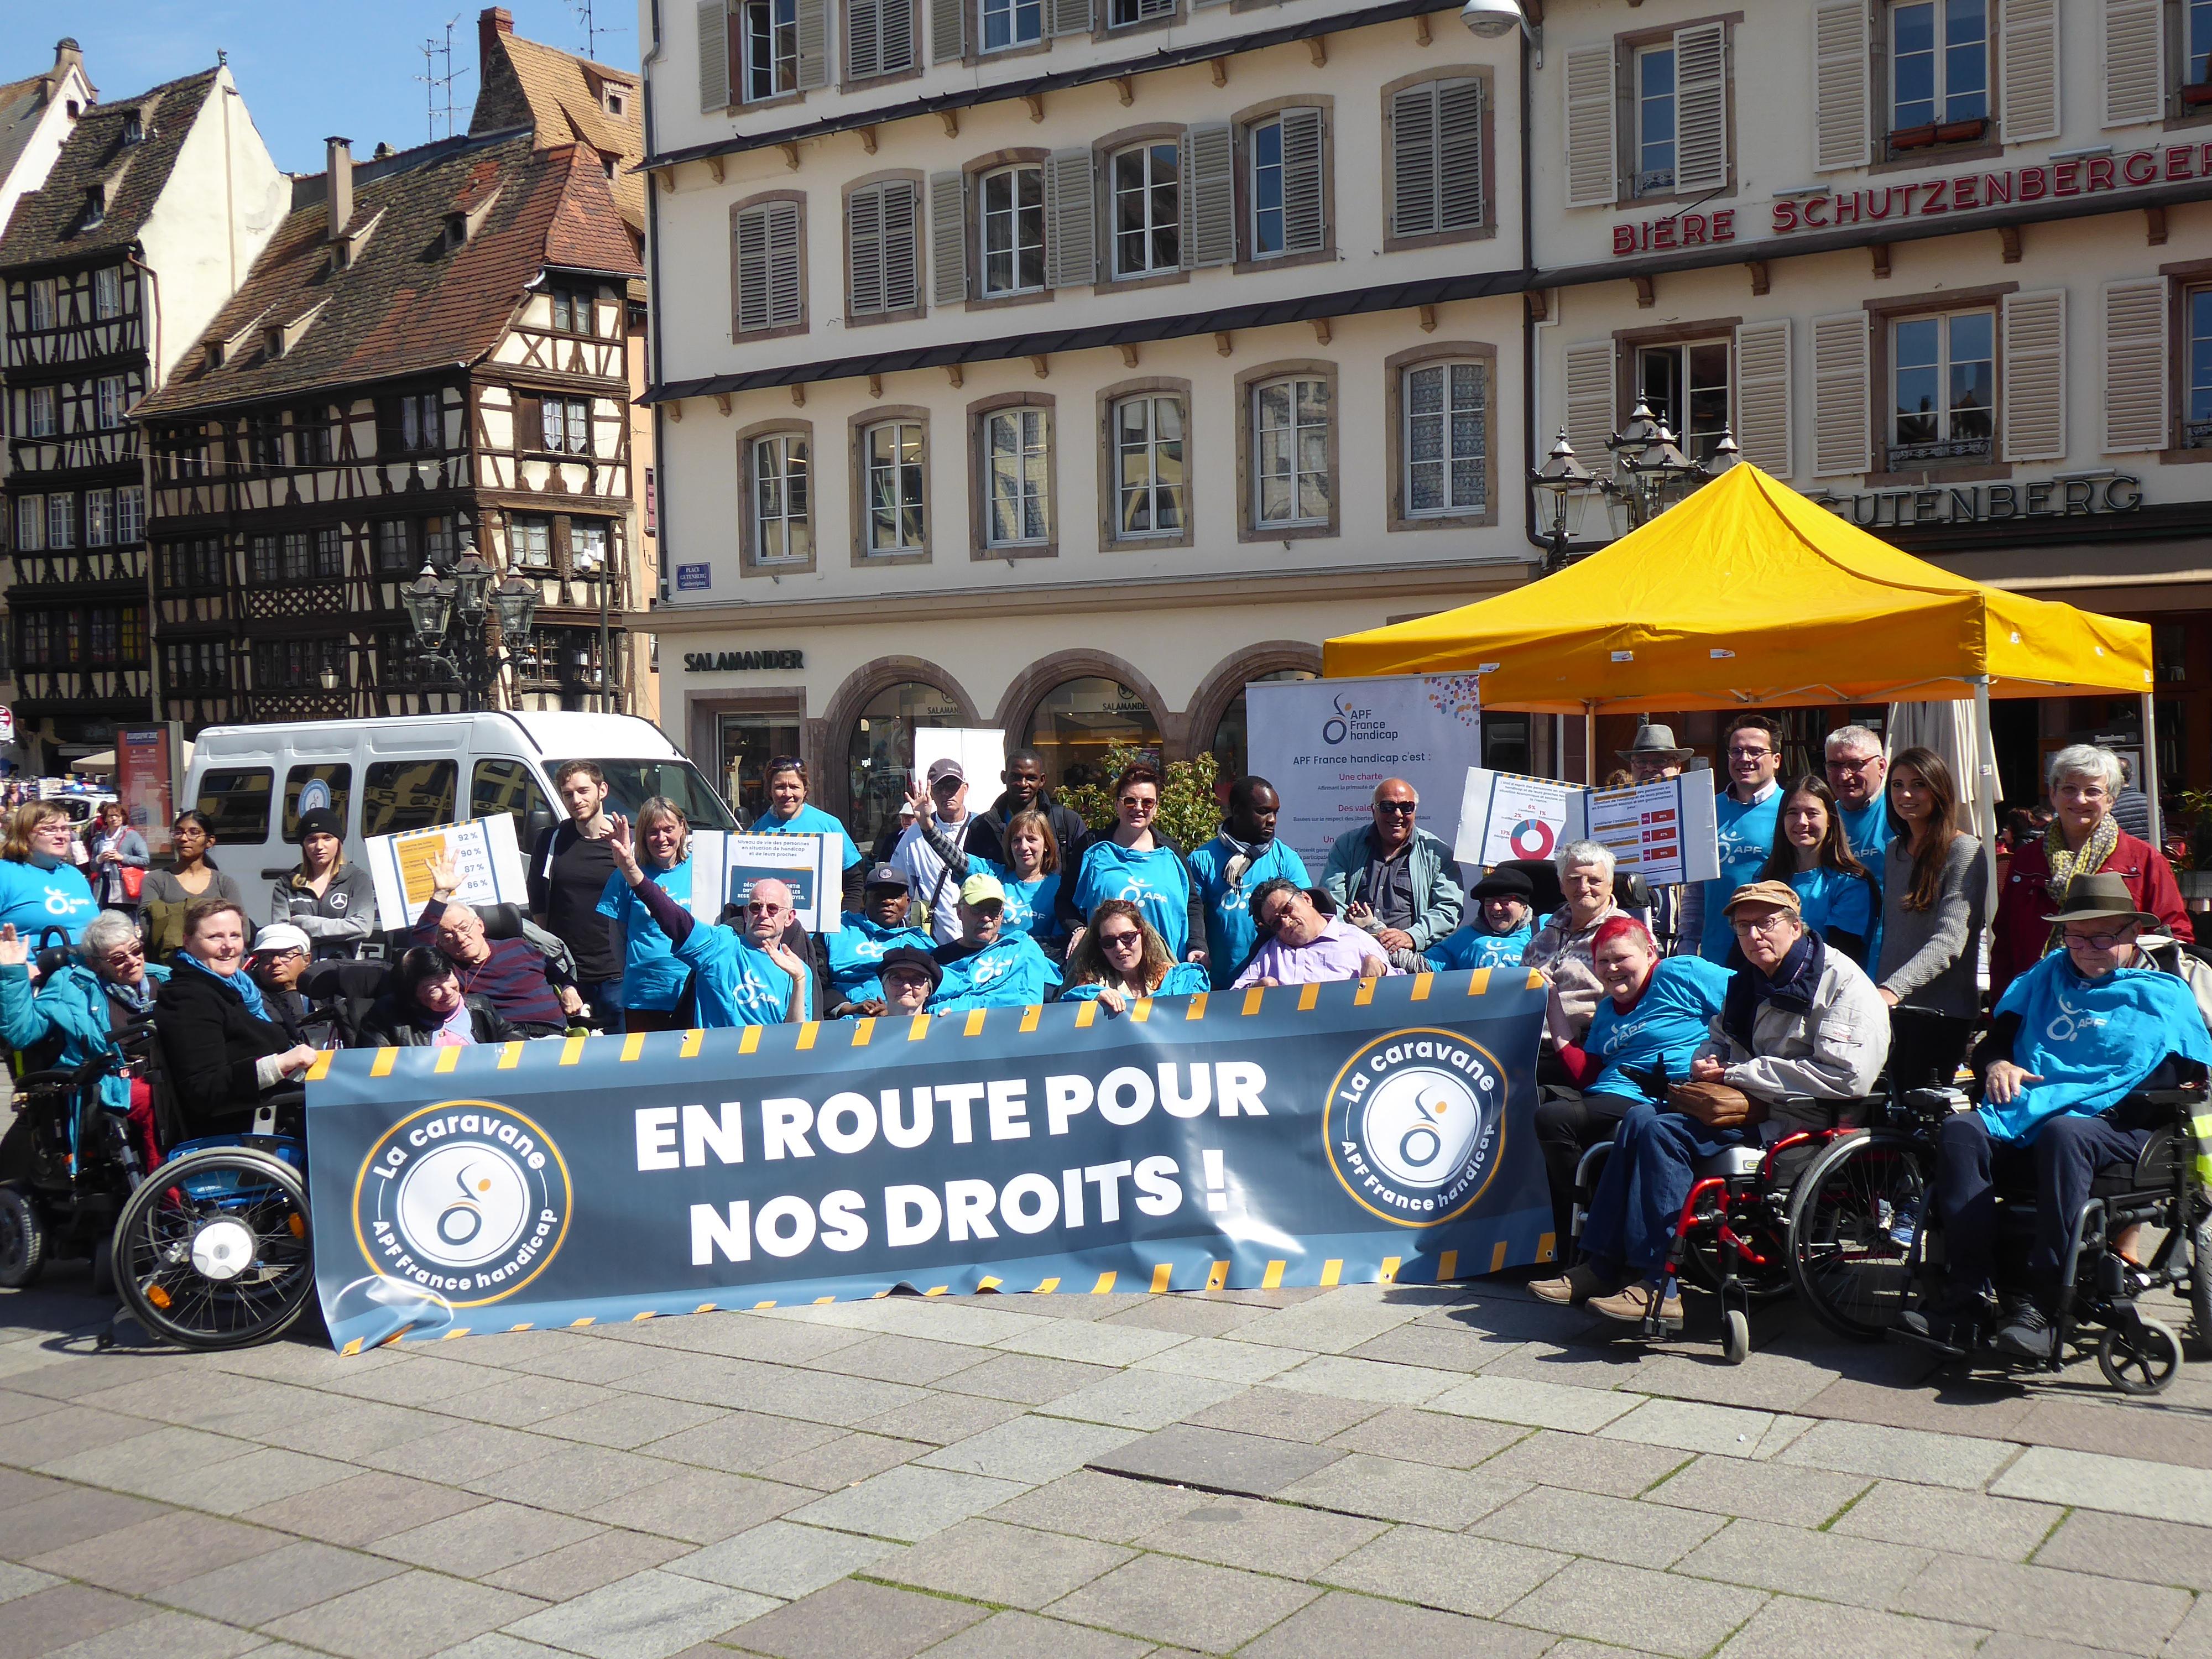 Rassemblement citoyen à Strasbourg lors de la Caravane APF France handicap en route pour nos droits